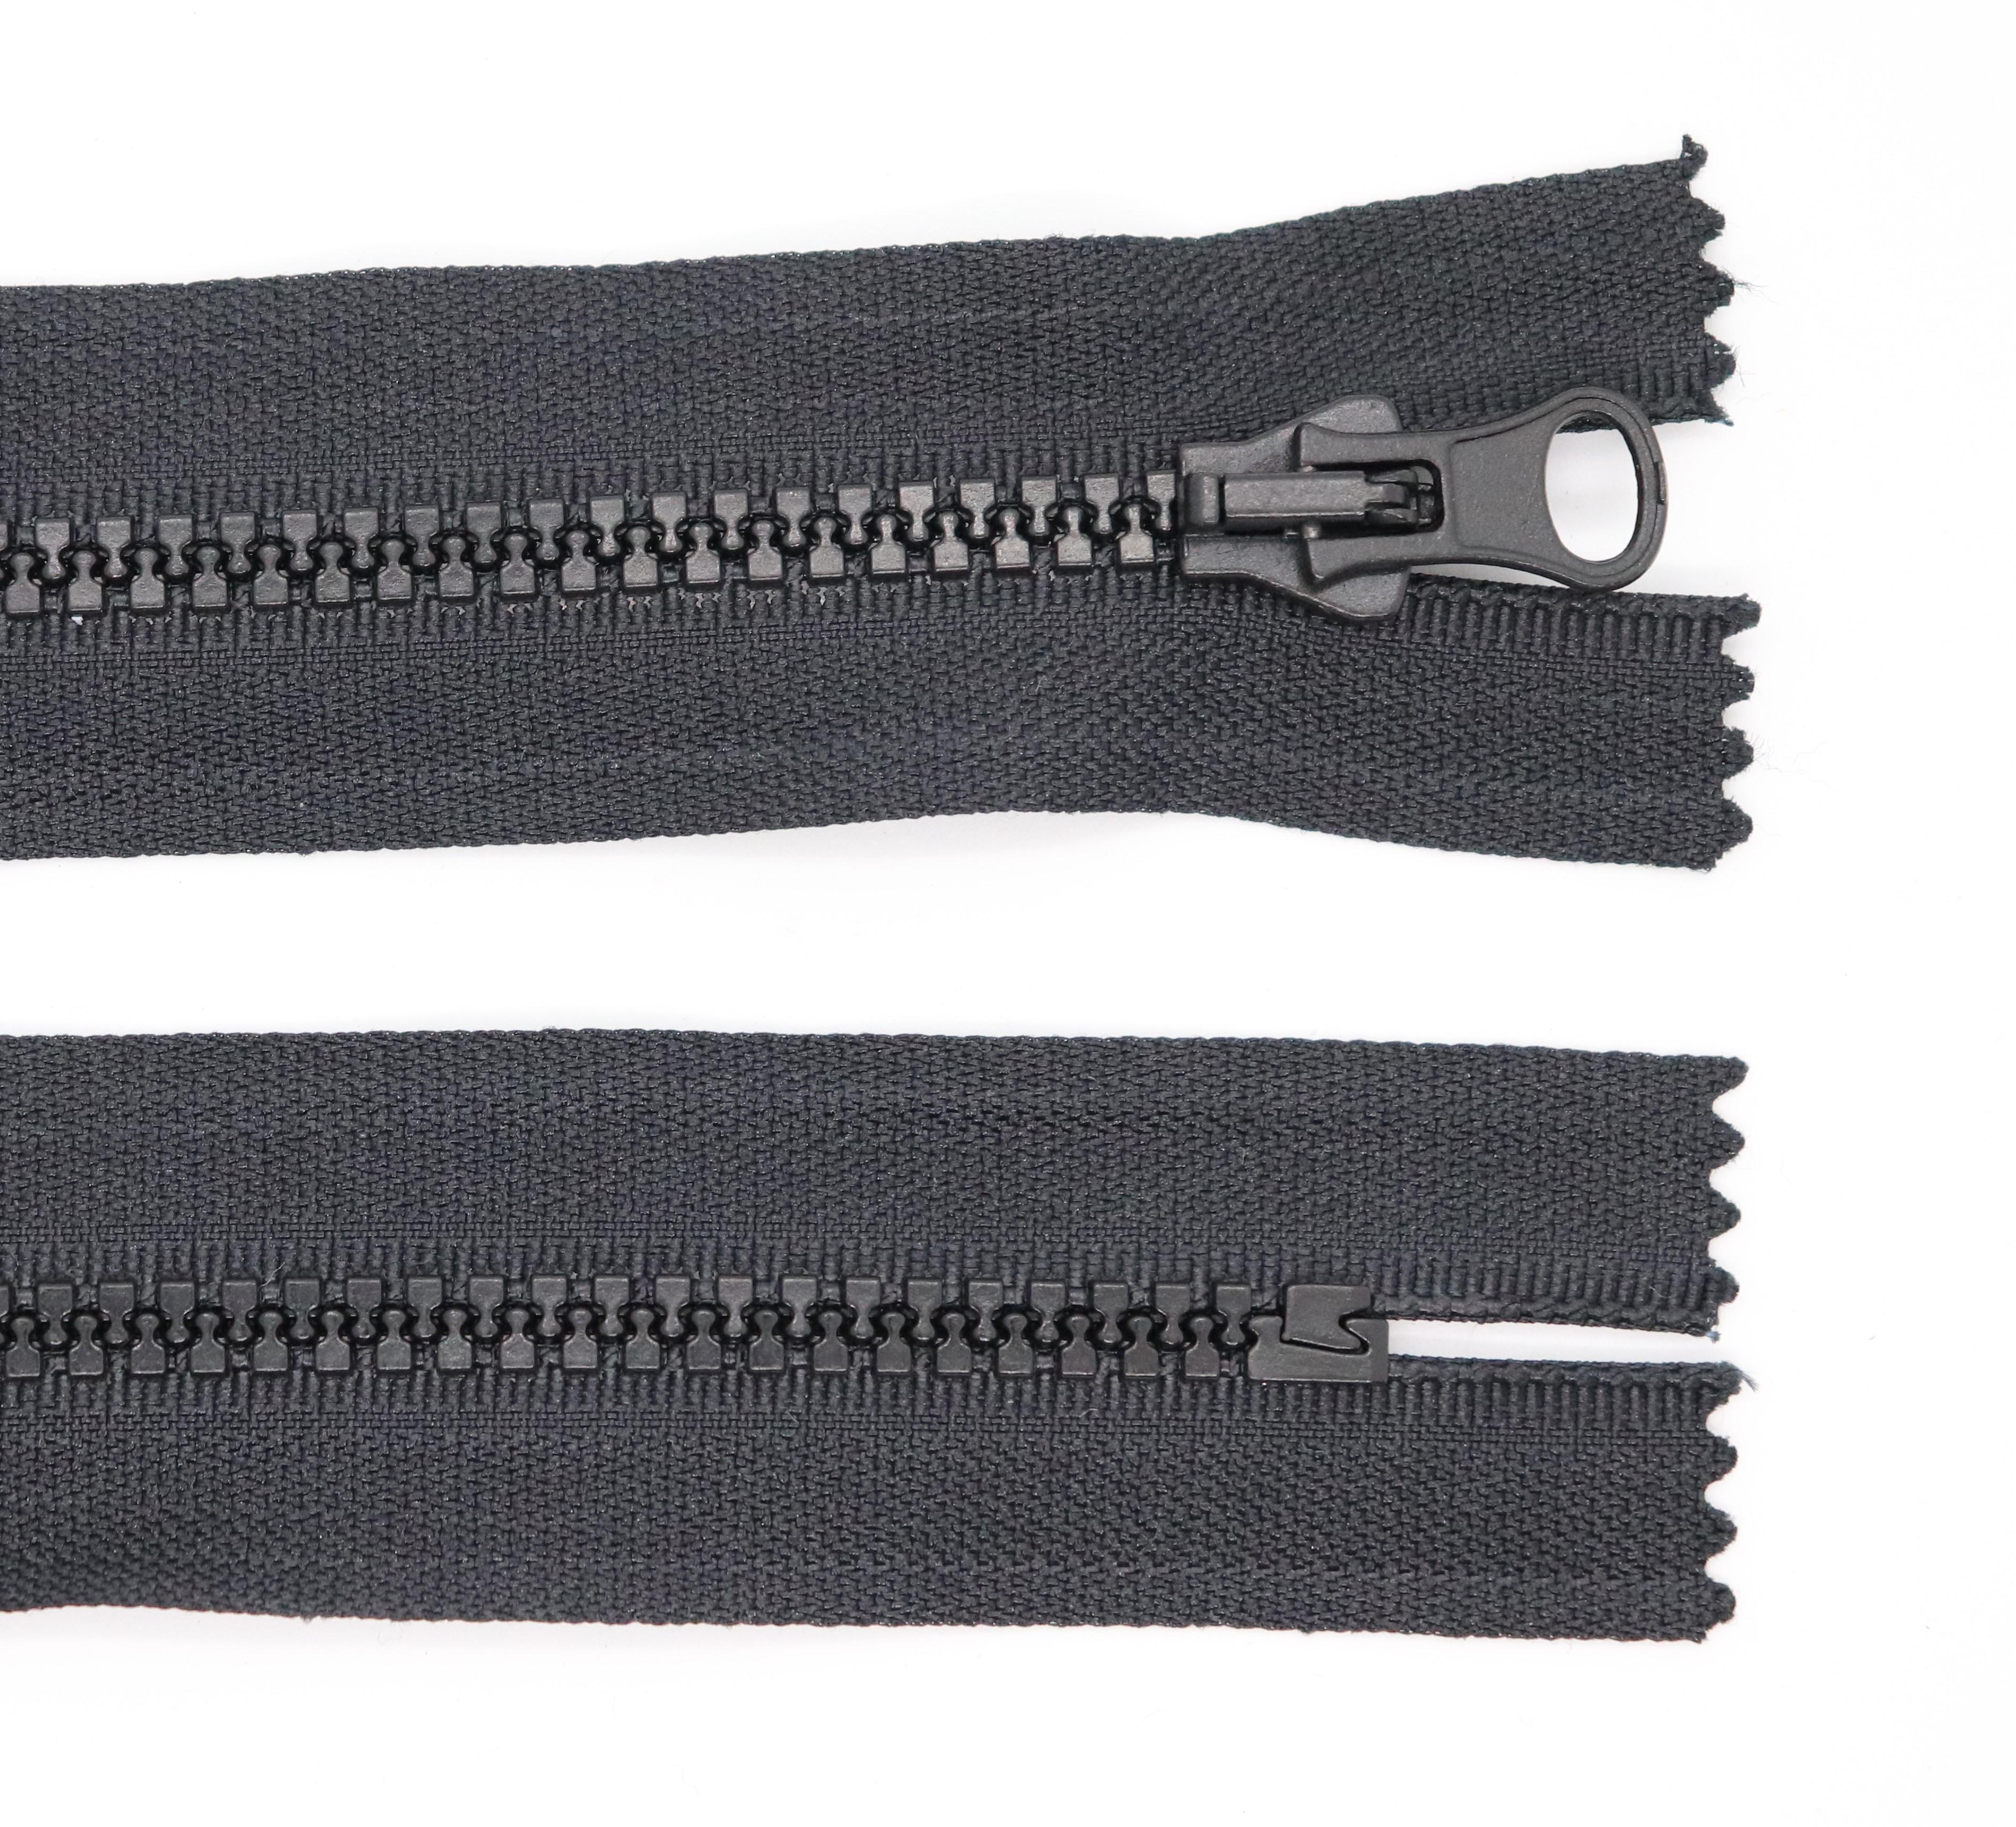 Kostìný zip šíøe 5 mm délka 18 cm nedìlitelný - zvìtšit obrázek